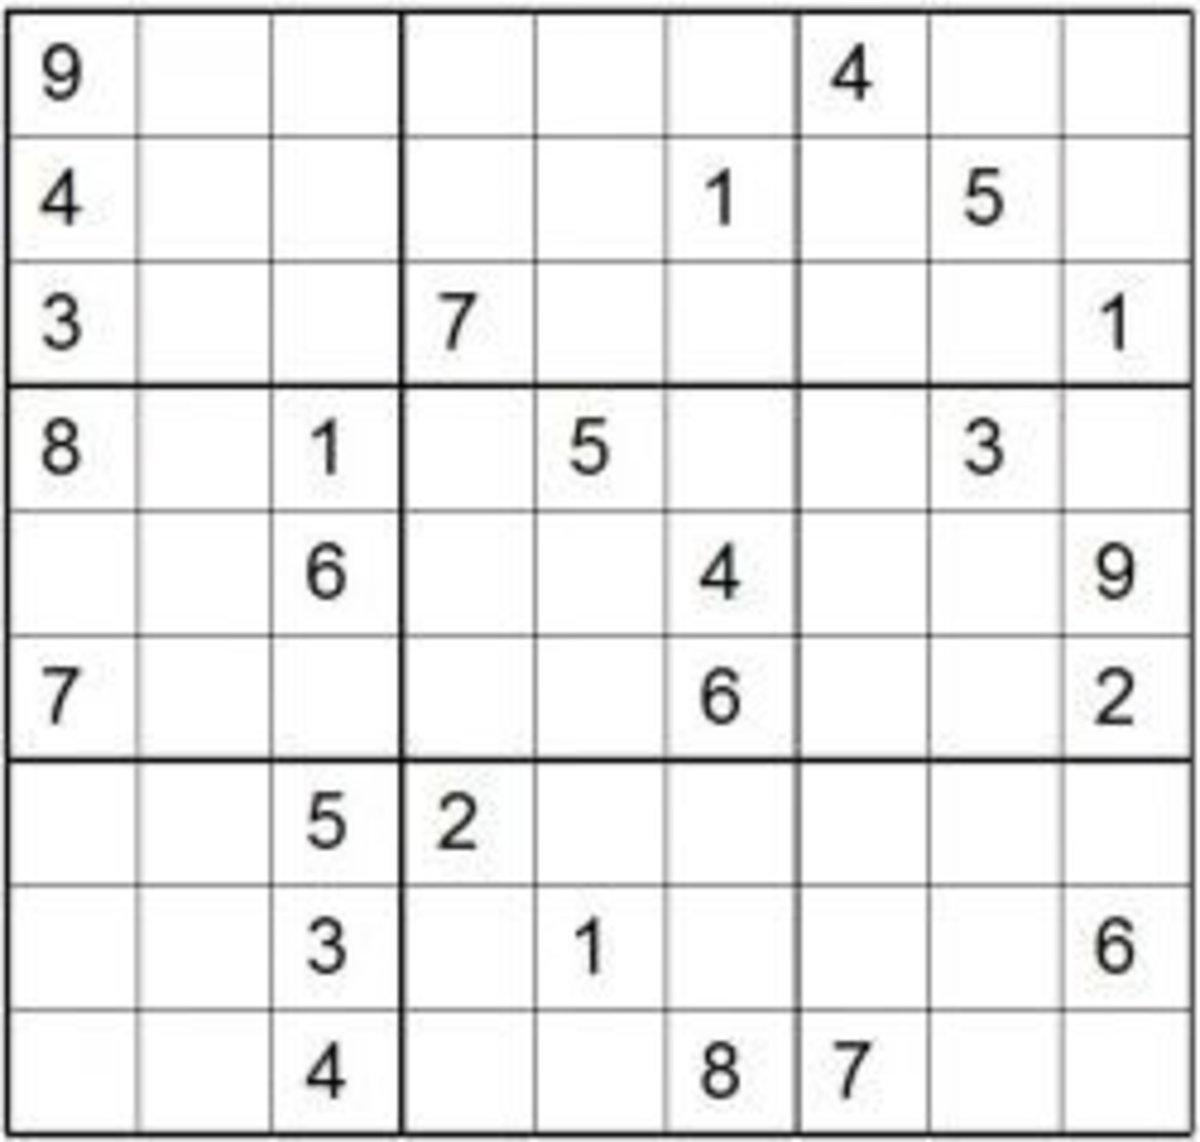 Print Sudoku Puzzles